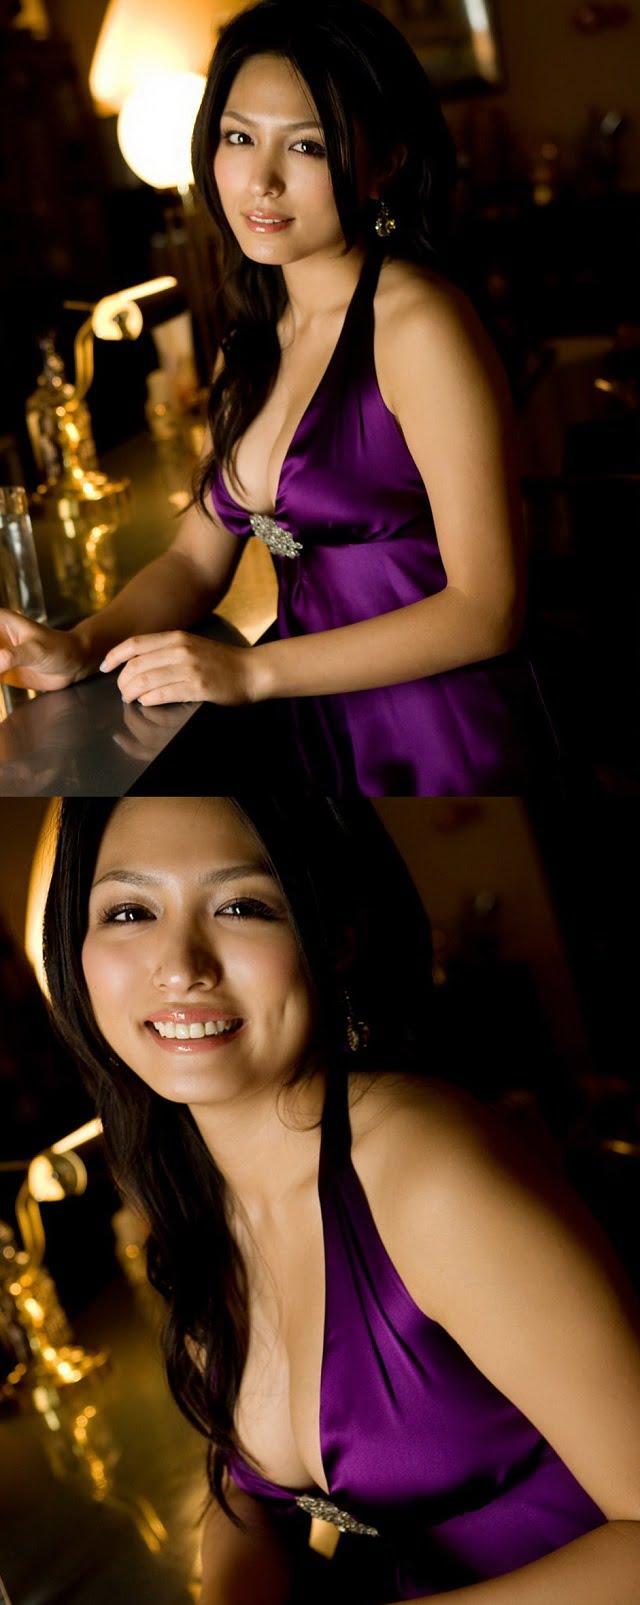 グラビアアイドル写真集|2019年グラビア引退の川村ゆきえちゃんのグラビアまとめ画像パート12 写真総数77枚